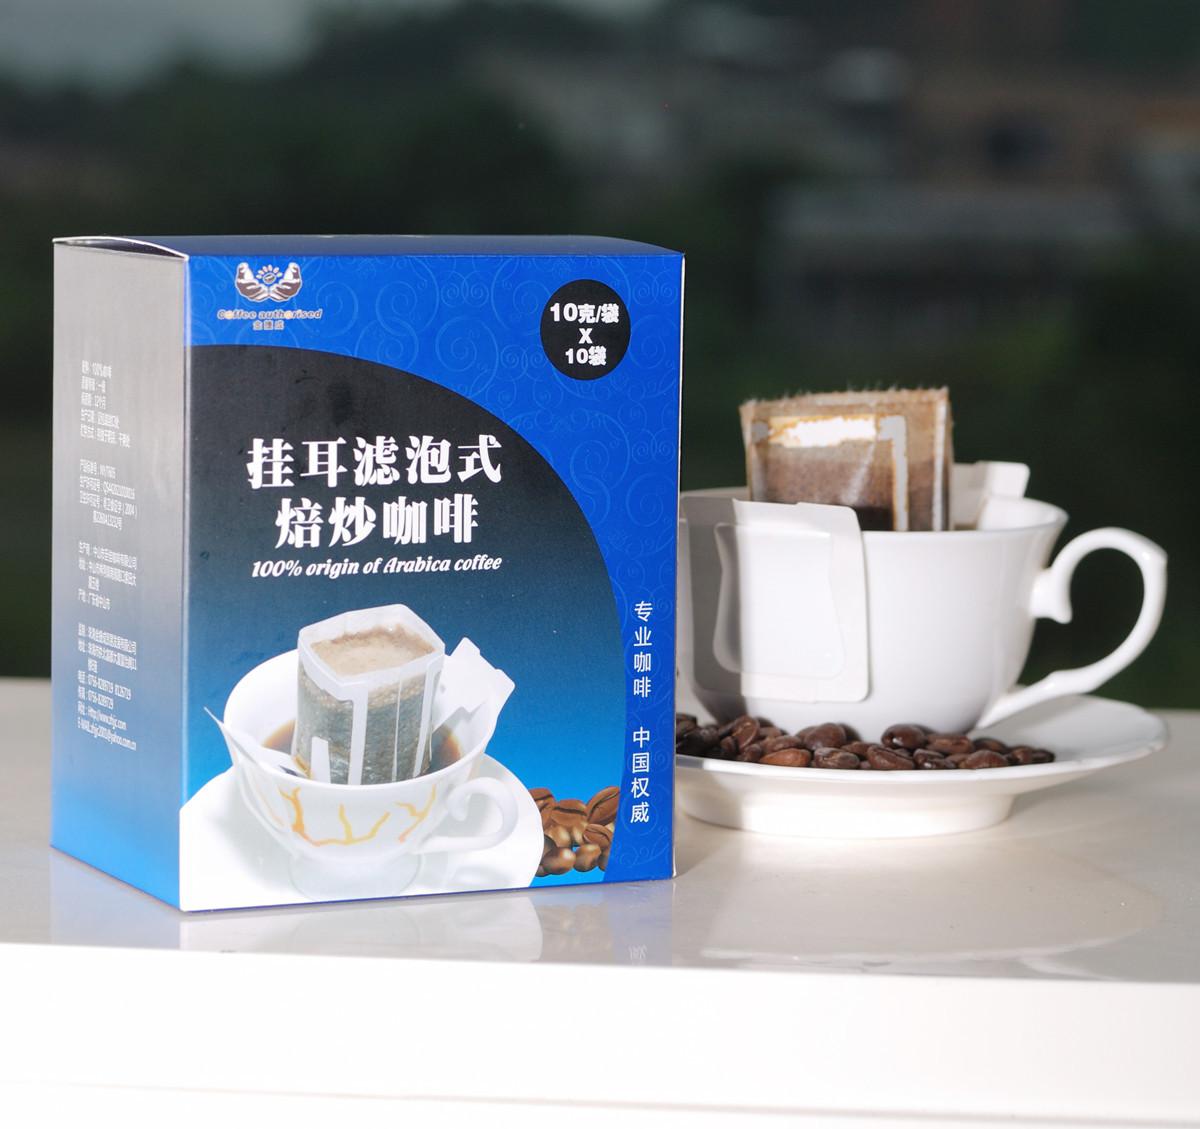 上海蓝山咖啡_16贸易网